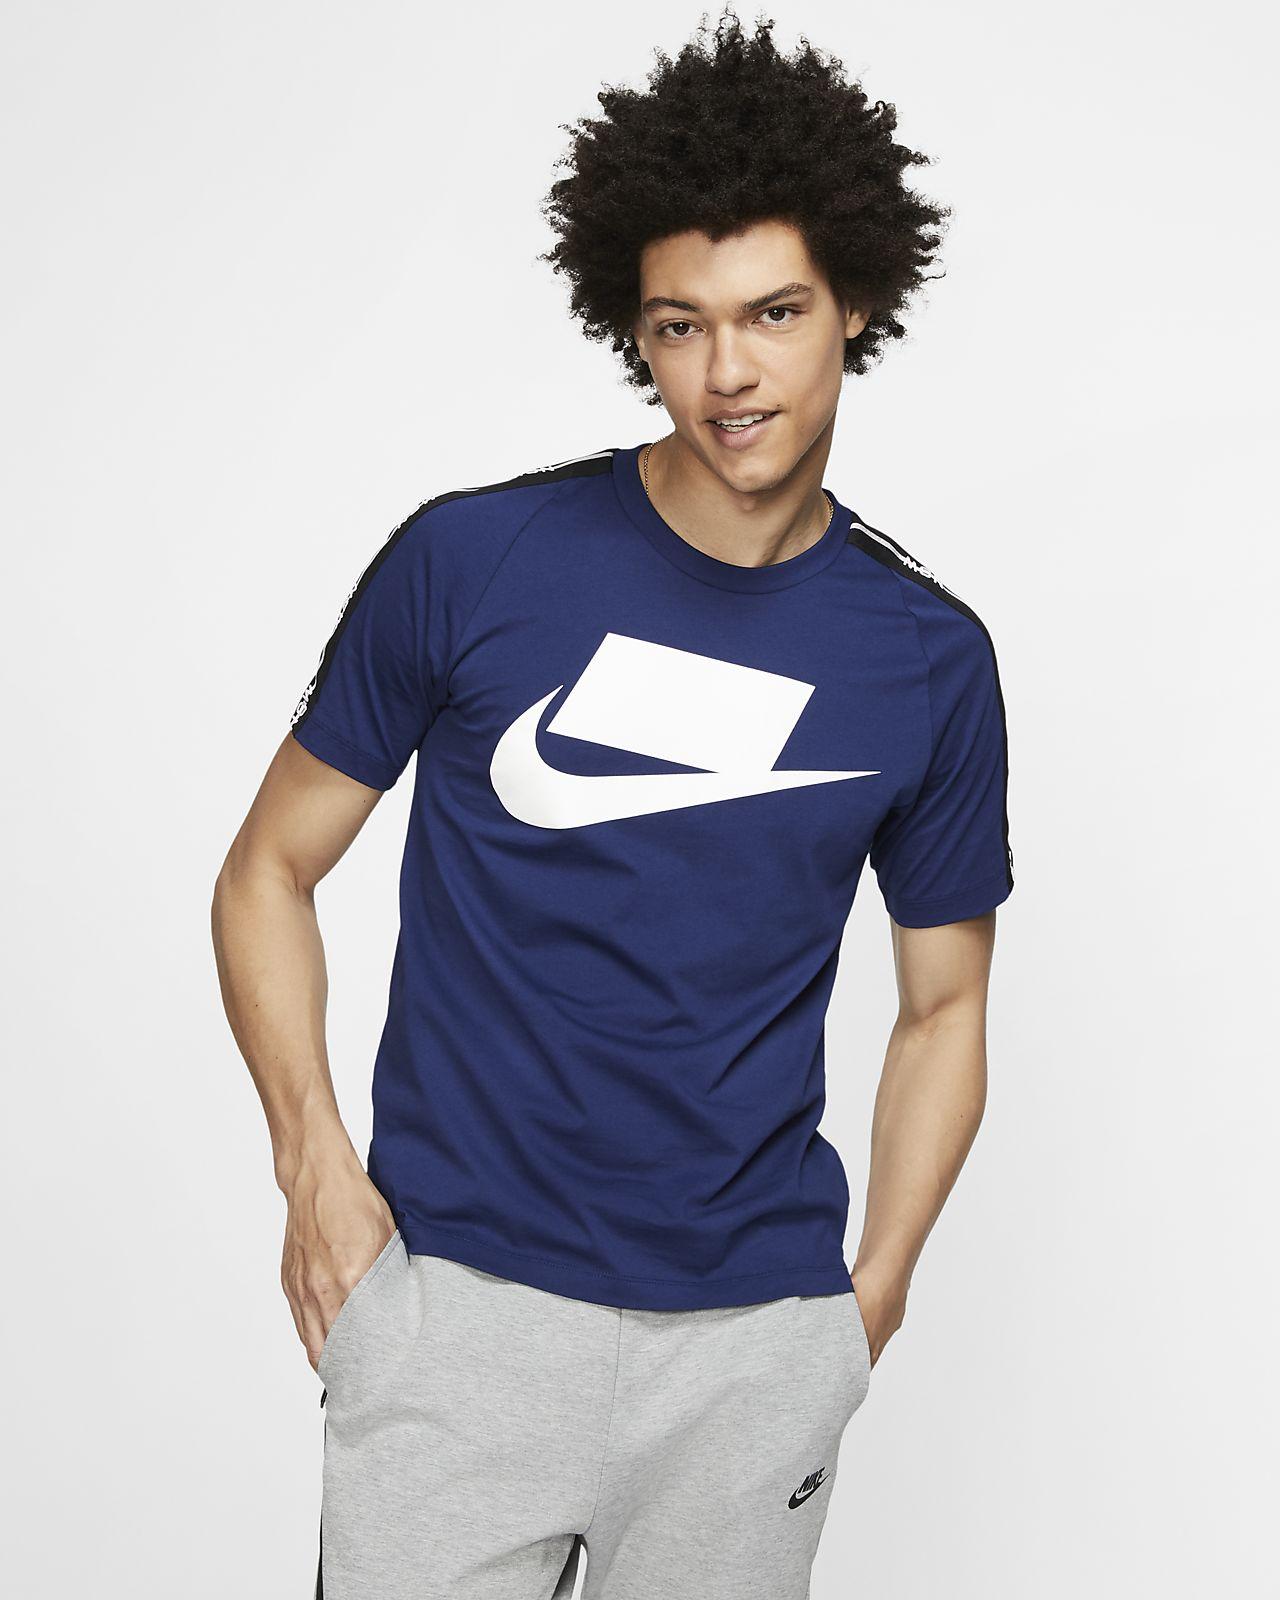 Nike Sportswear NSW Men's T-Shirt